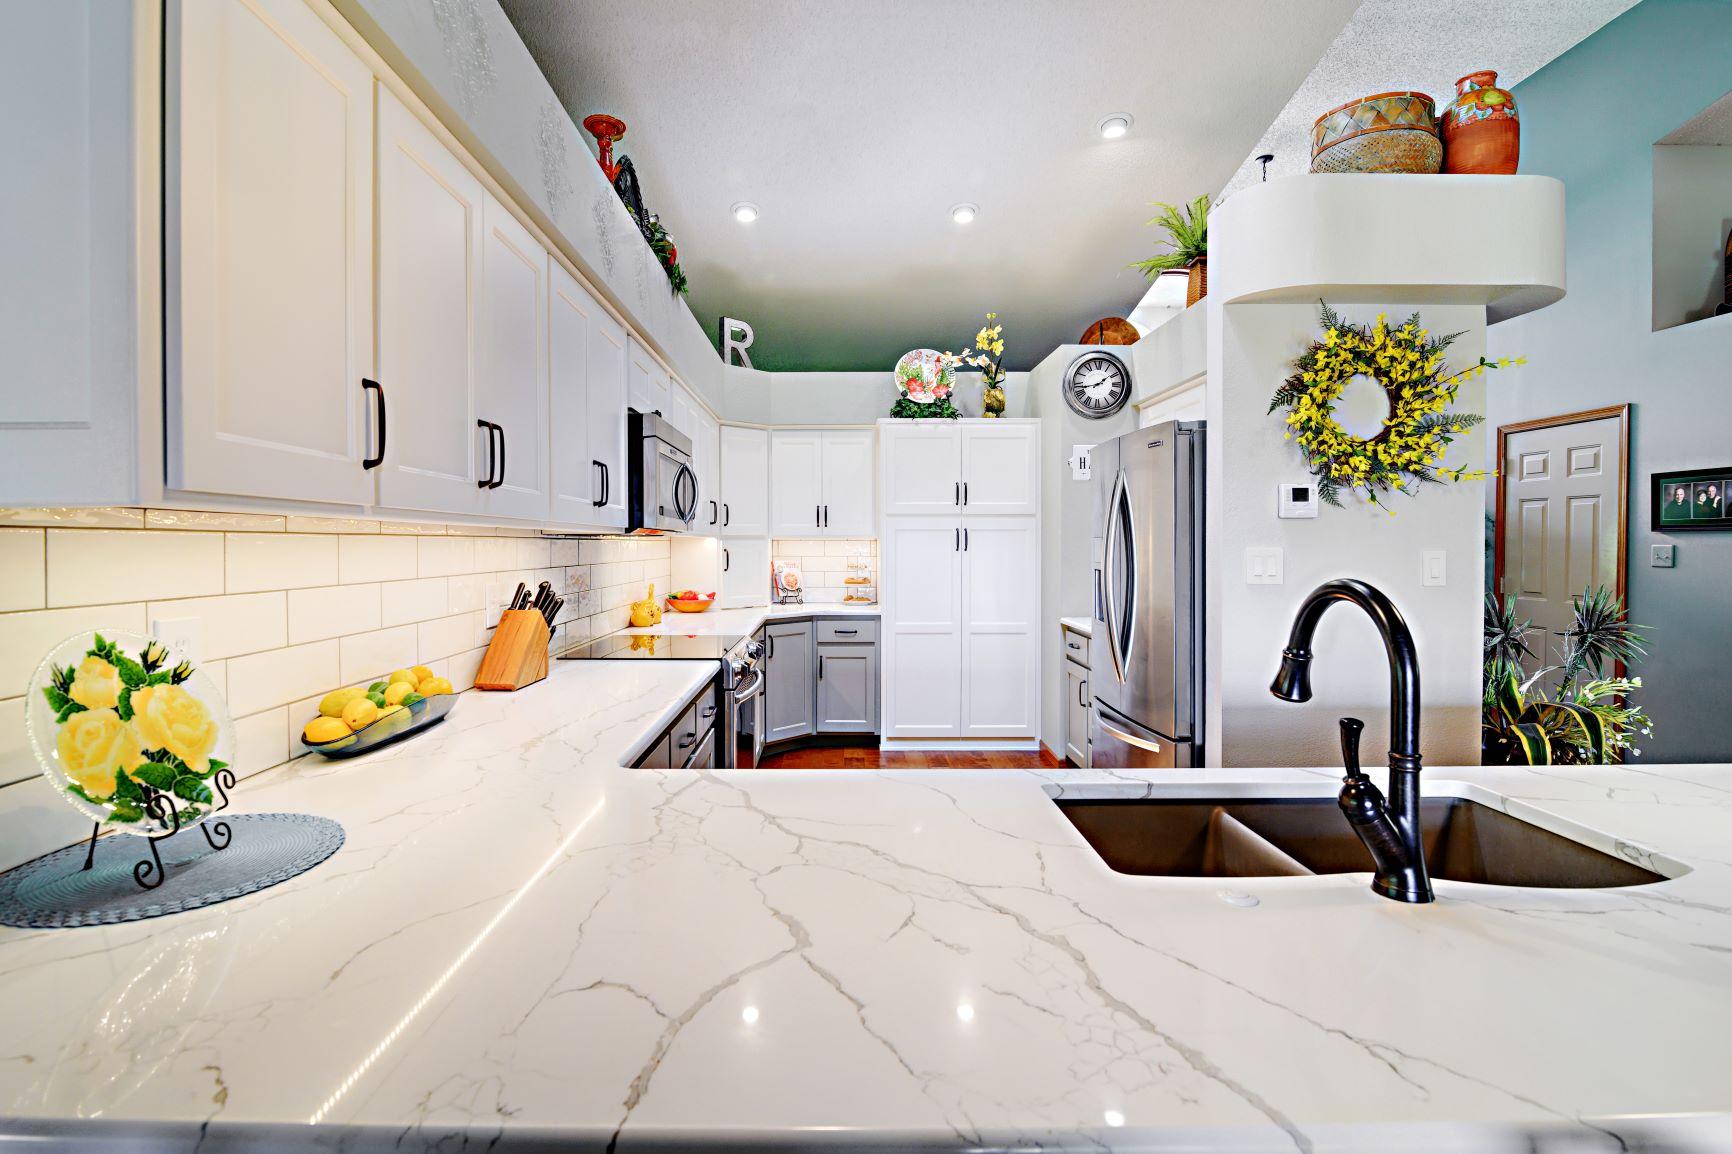 Reiswig kitchen